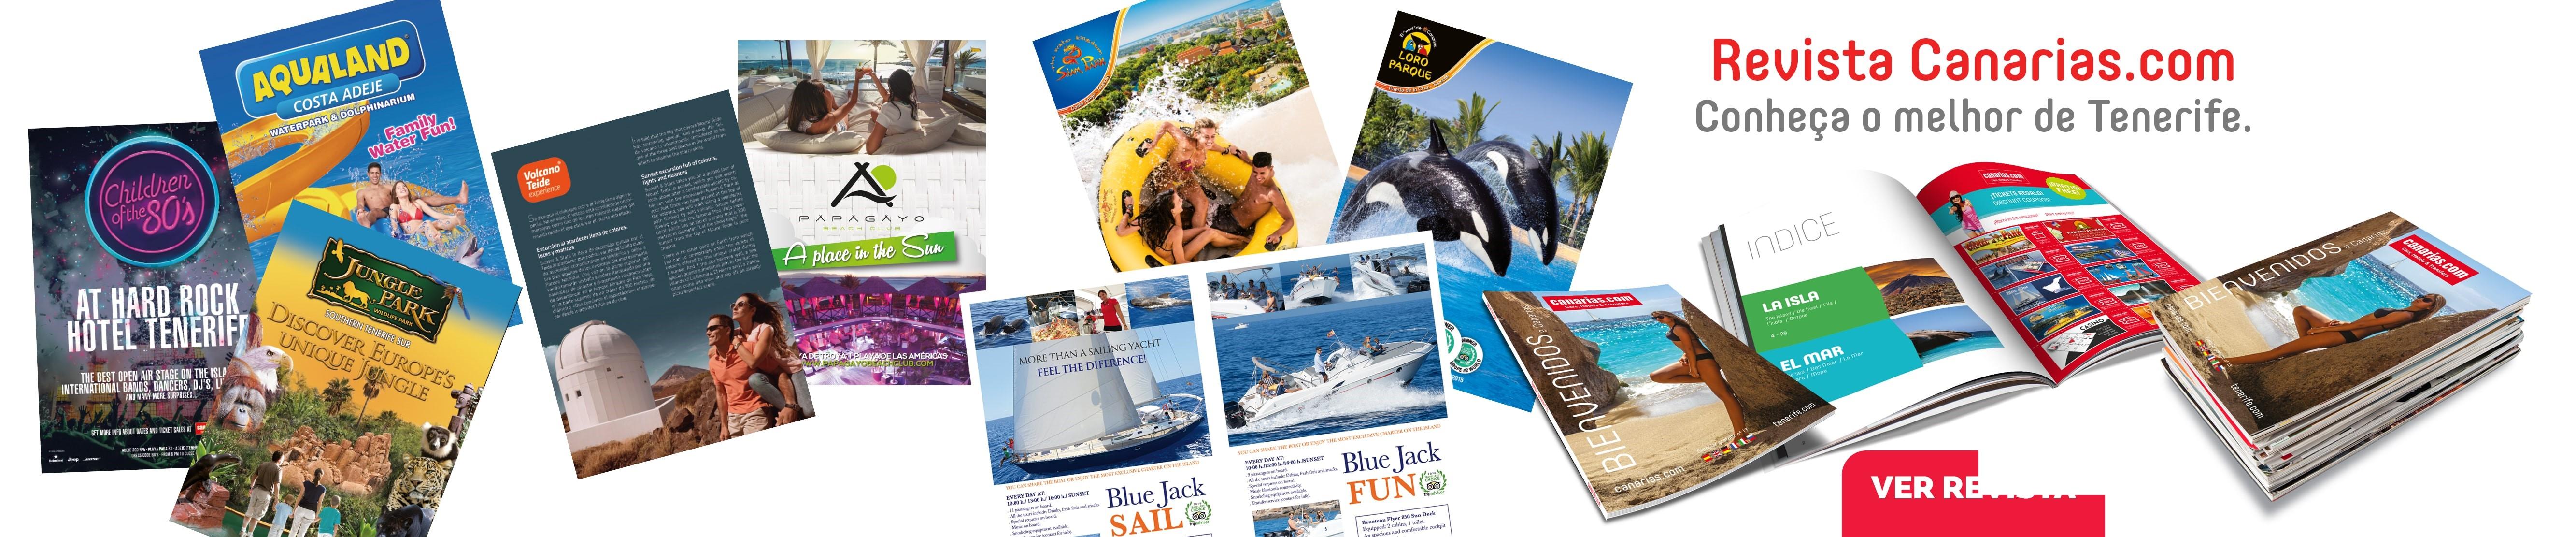 Revista Canarias.com